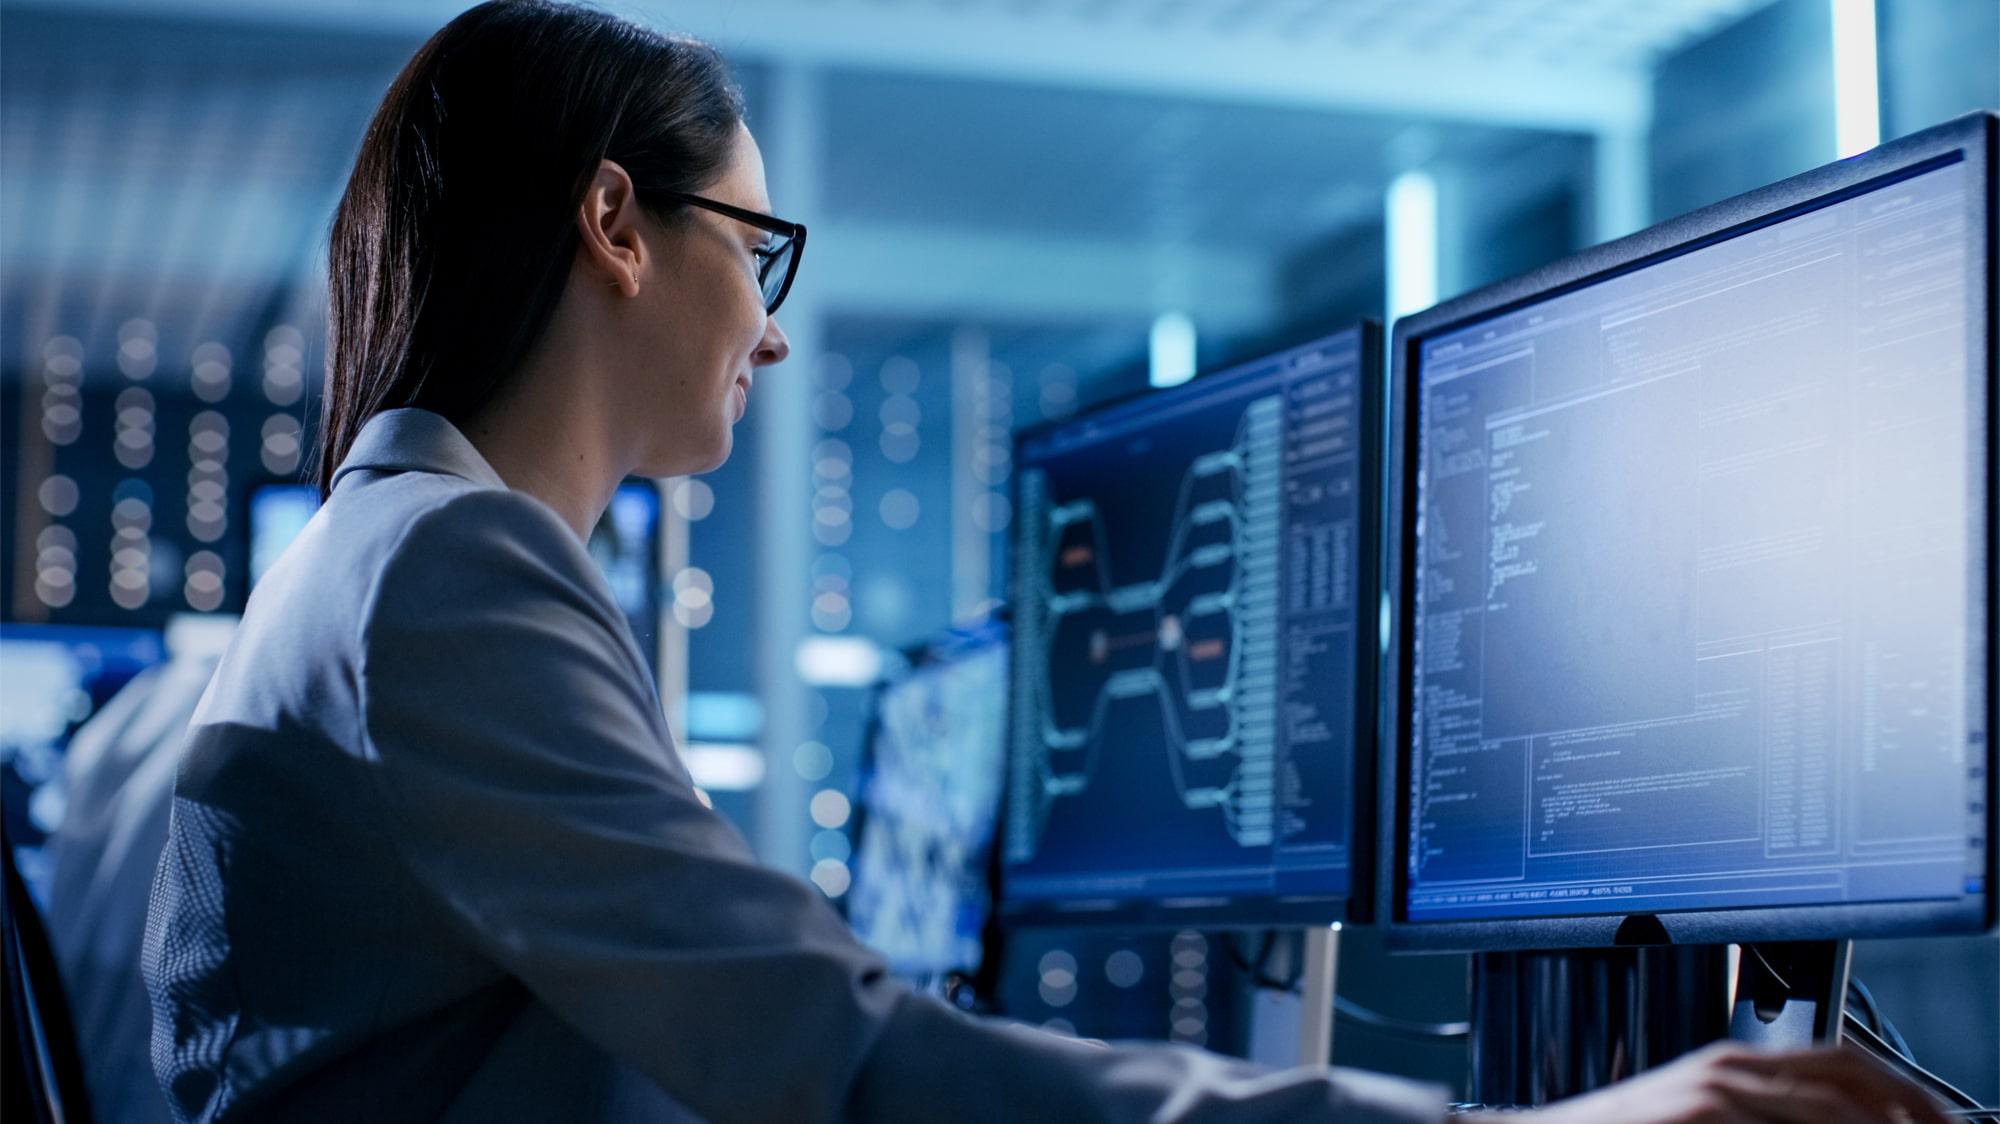 bitec-monitoraggio-remoto-help-desk